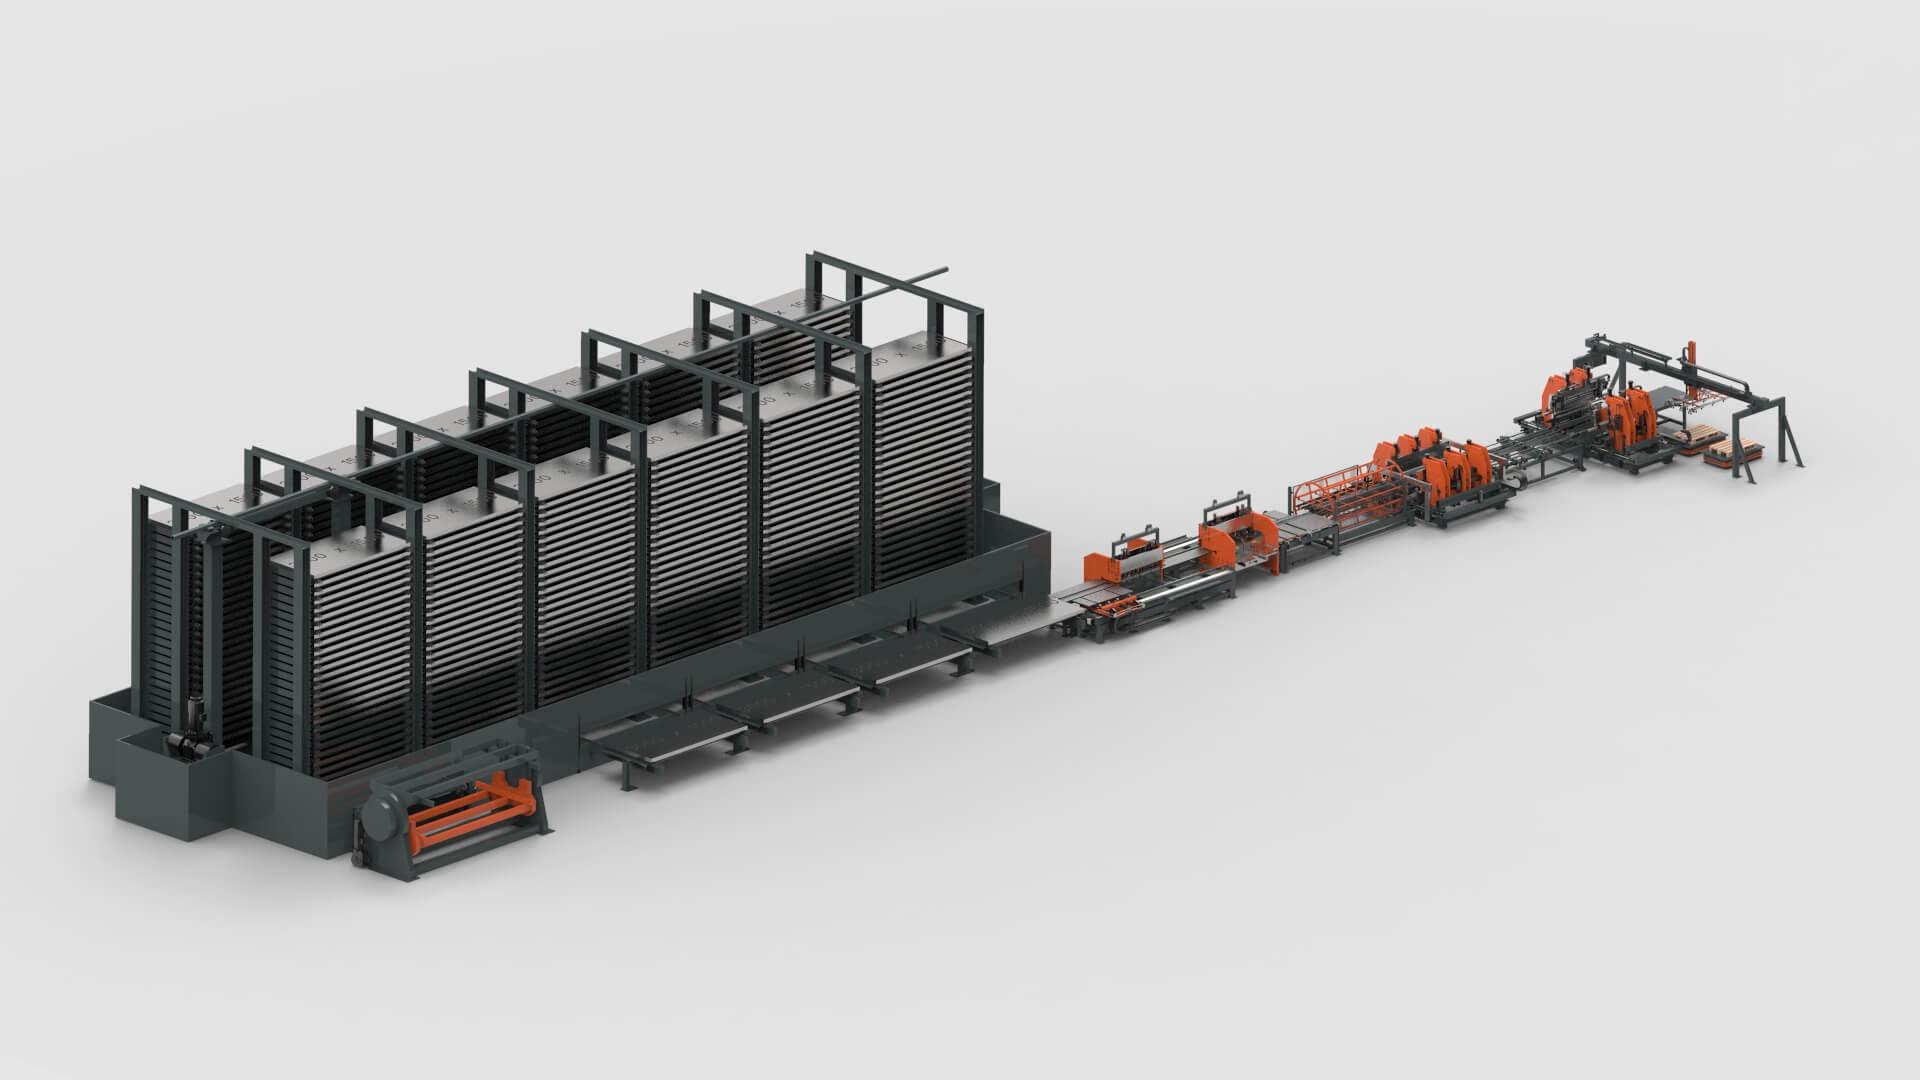 wemo-elevator-panels-sheet-metal-storage-system-punching-bending-production-line.jpg